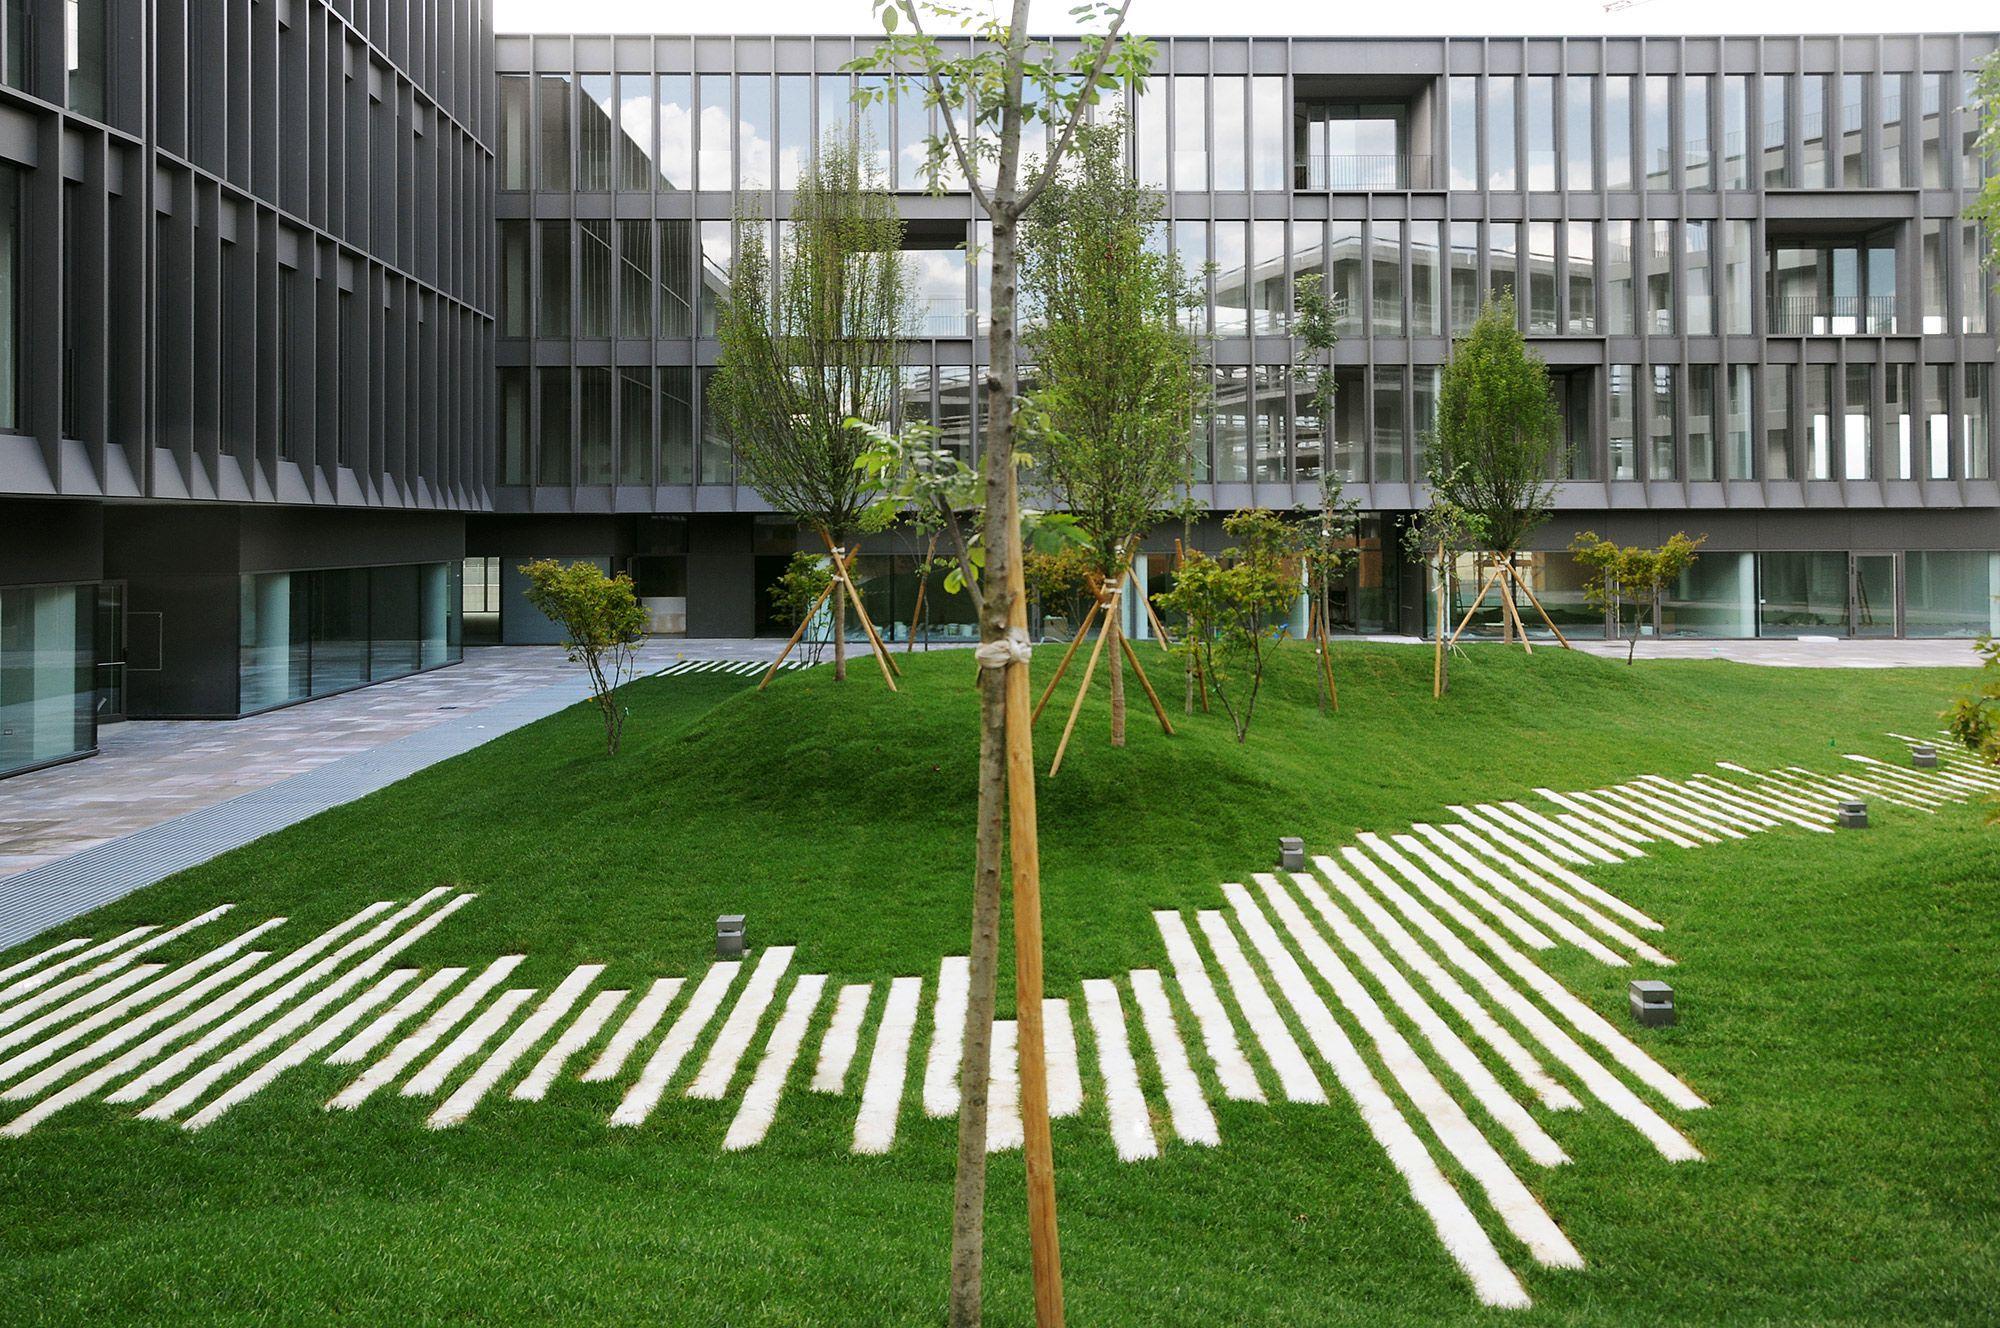 pavimentazione arredo urbano, pavimentazioni giardini